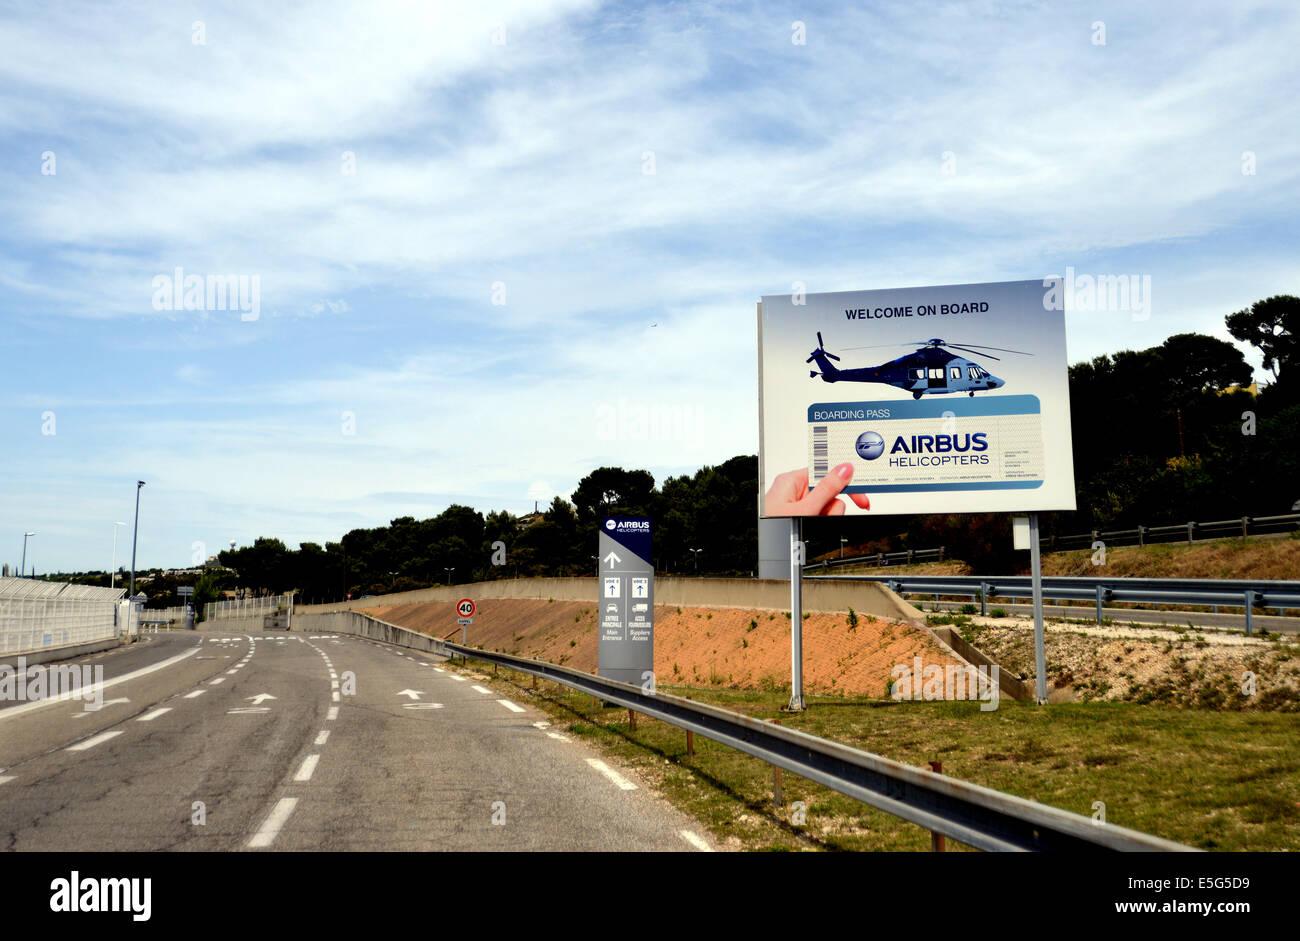 Eintrag von Airbus Helicopters Industrie Marignane Bouches-du-Rhône, Frankreich Stockbild